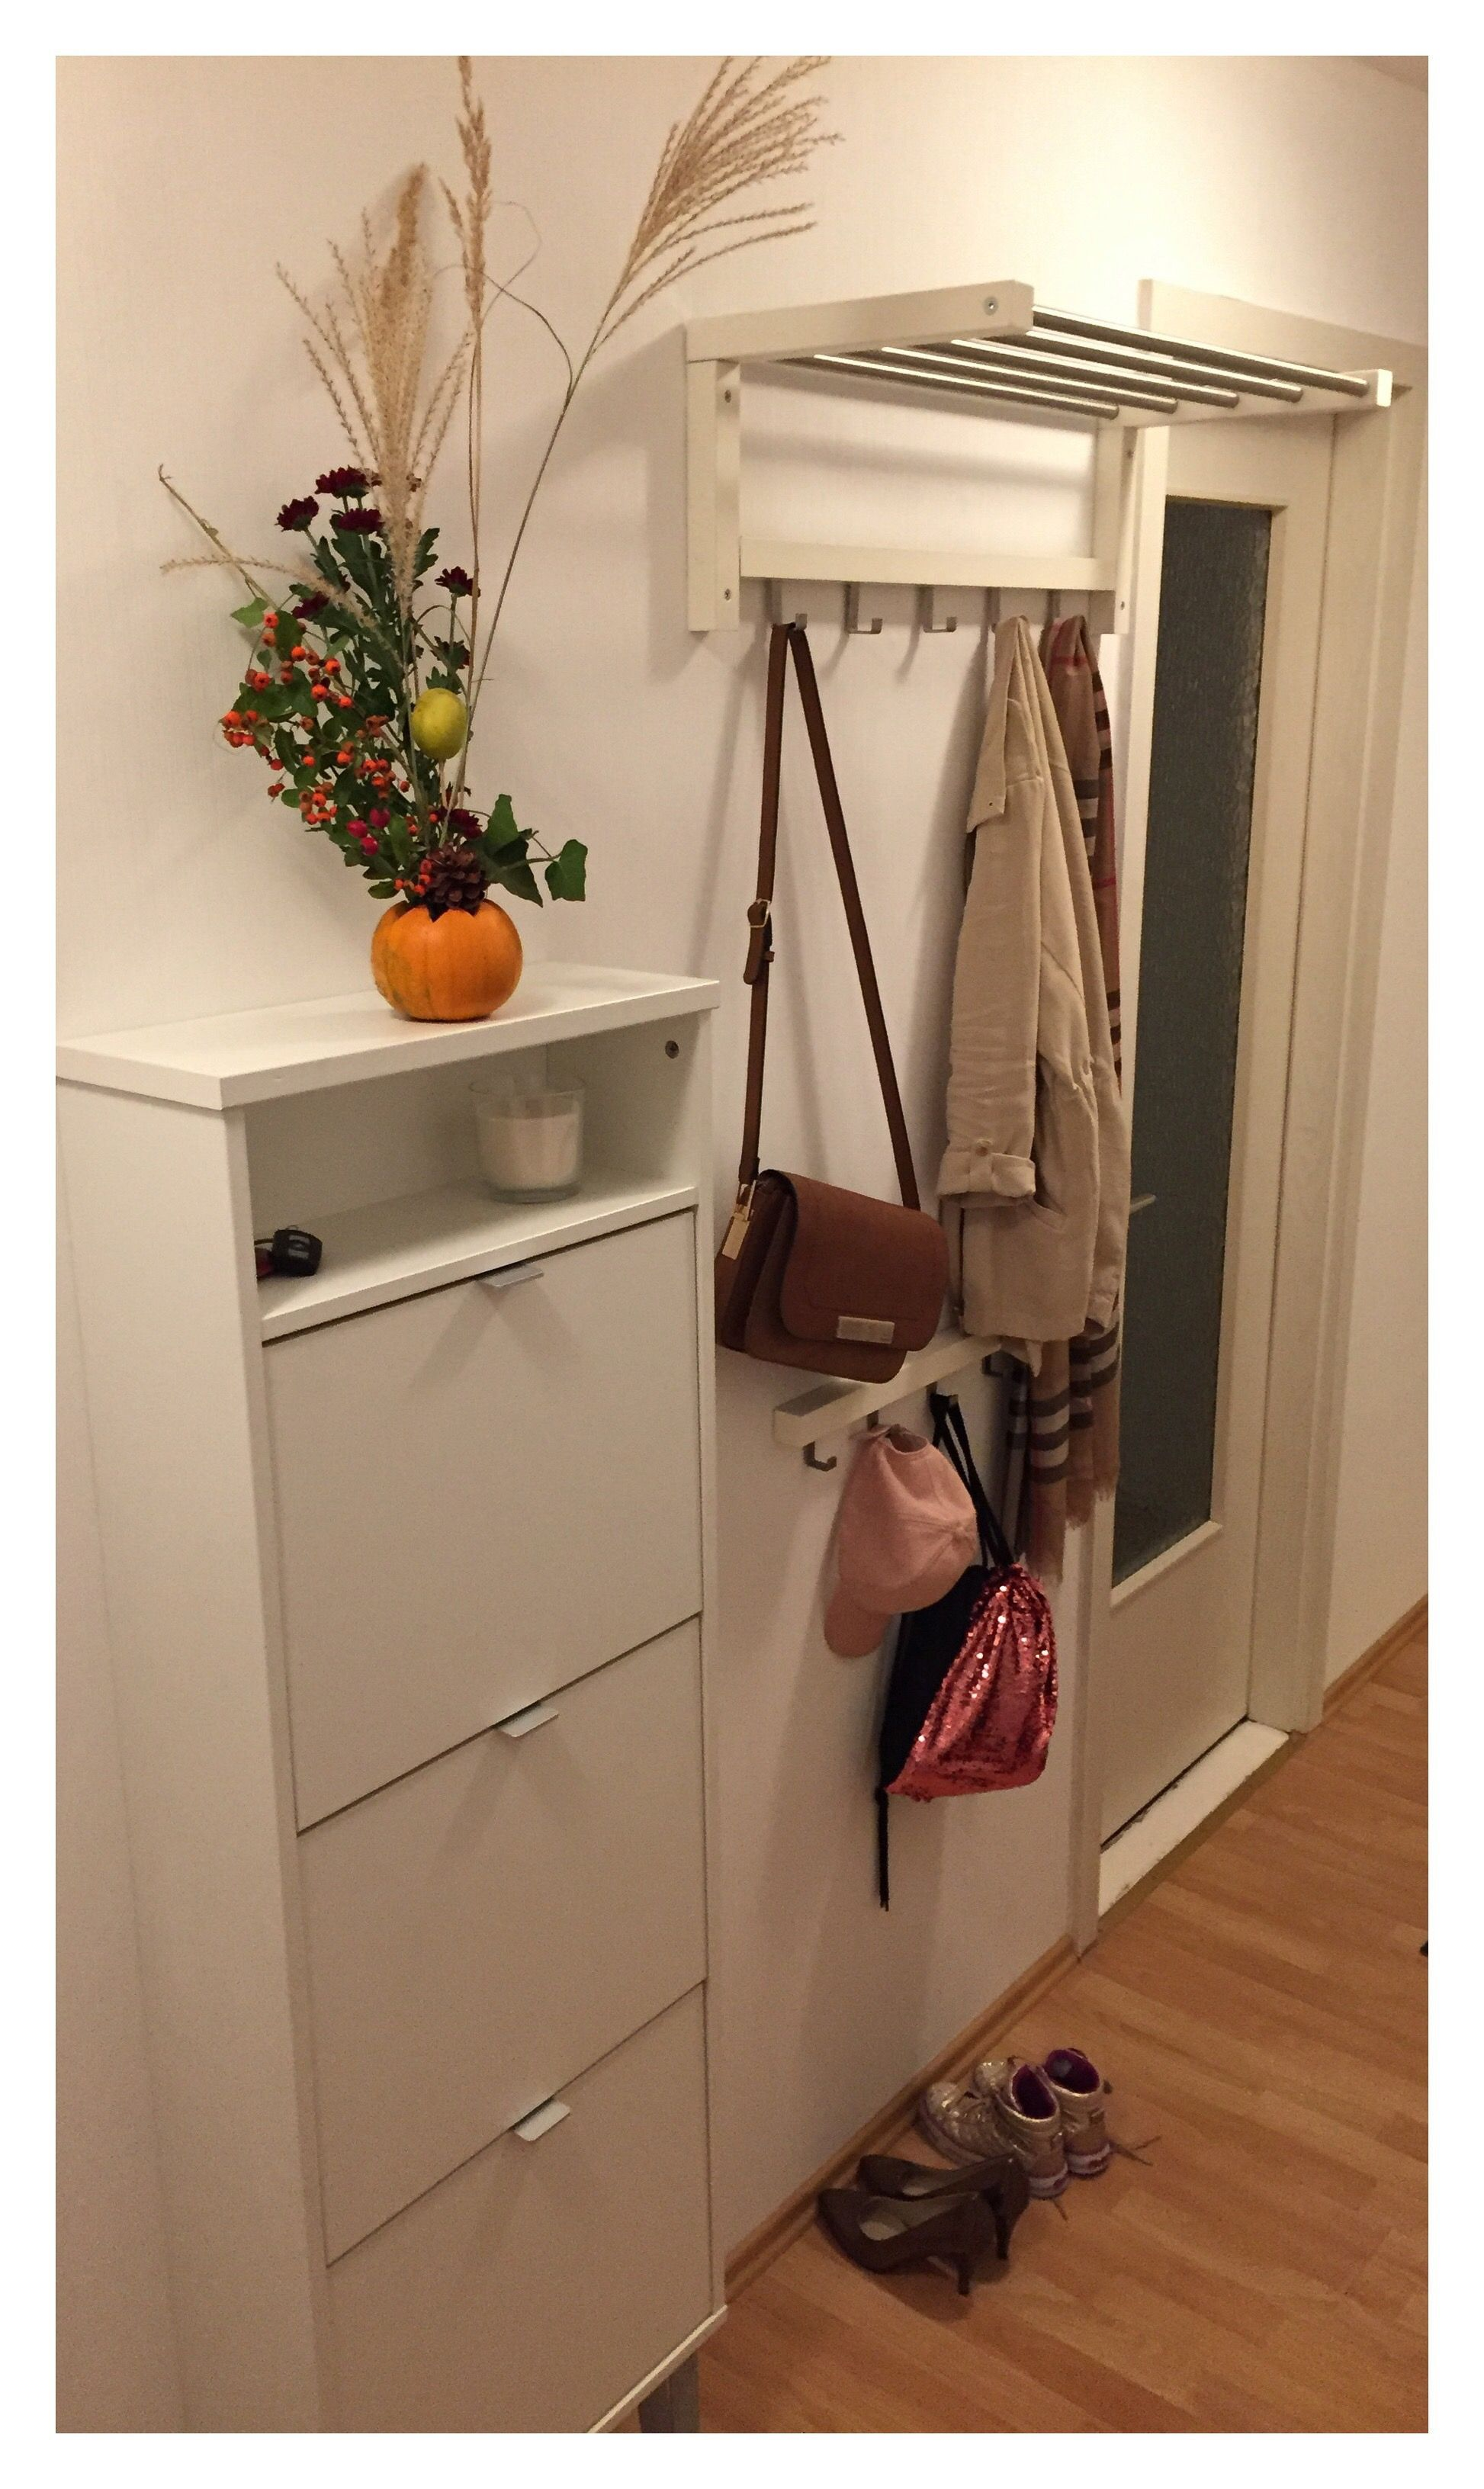 Kleiner Flur, wenig Möglichkeiten. Garderobe und Schuhschrank in ...